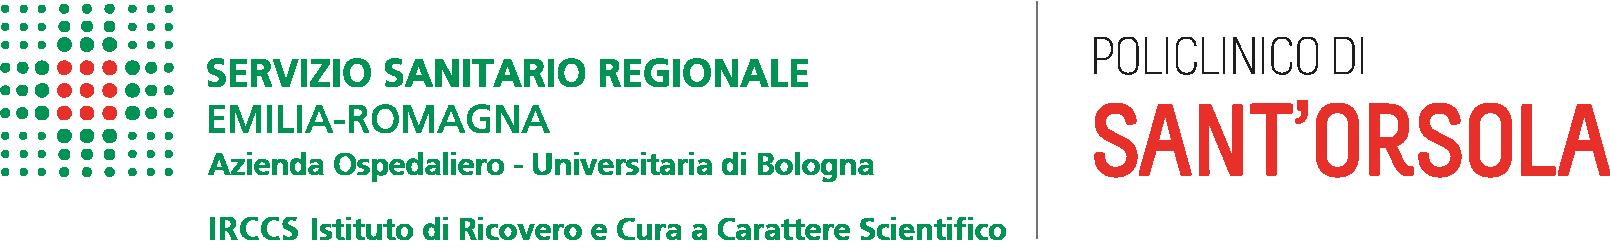 b Logo IRCCS or. 2 c